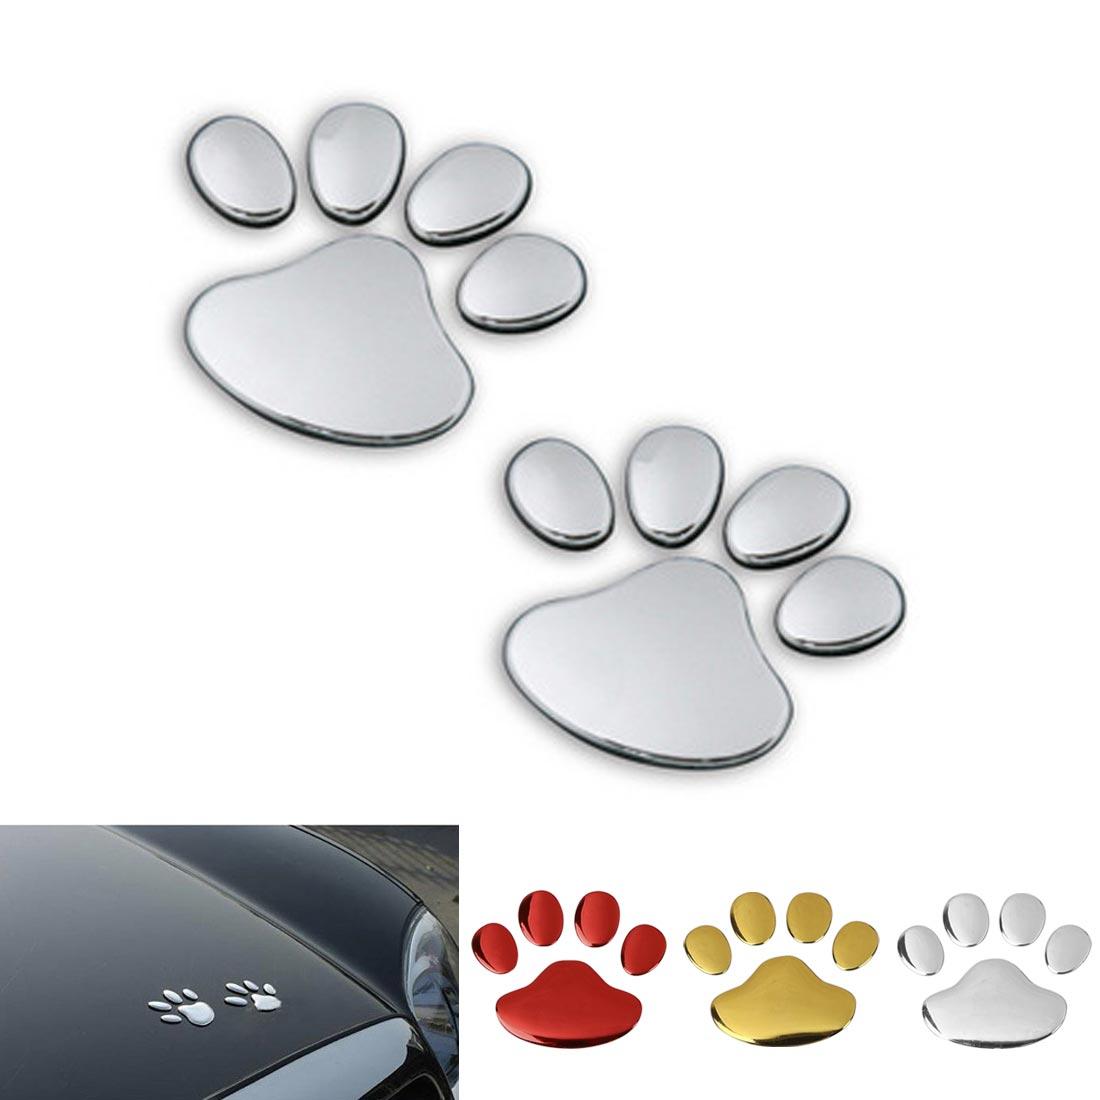 1 Paar Auto Aufkleber Hund Paw Footprint 3d Pvc Nick Abdeckung Aufkleber Auto Fahrzeug Automobil Styling Dekoration